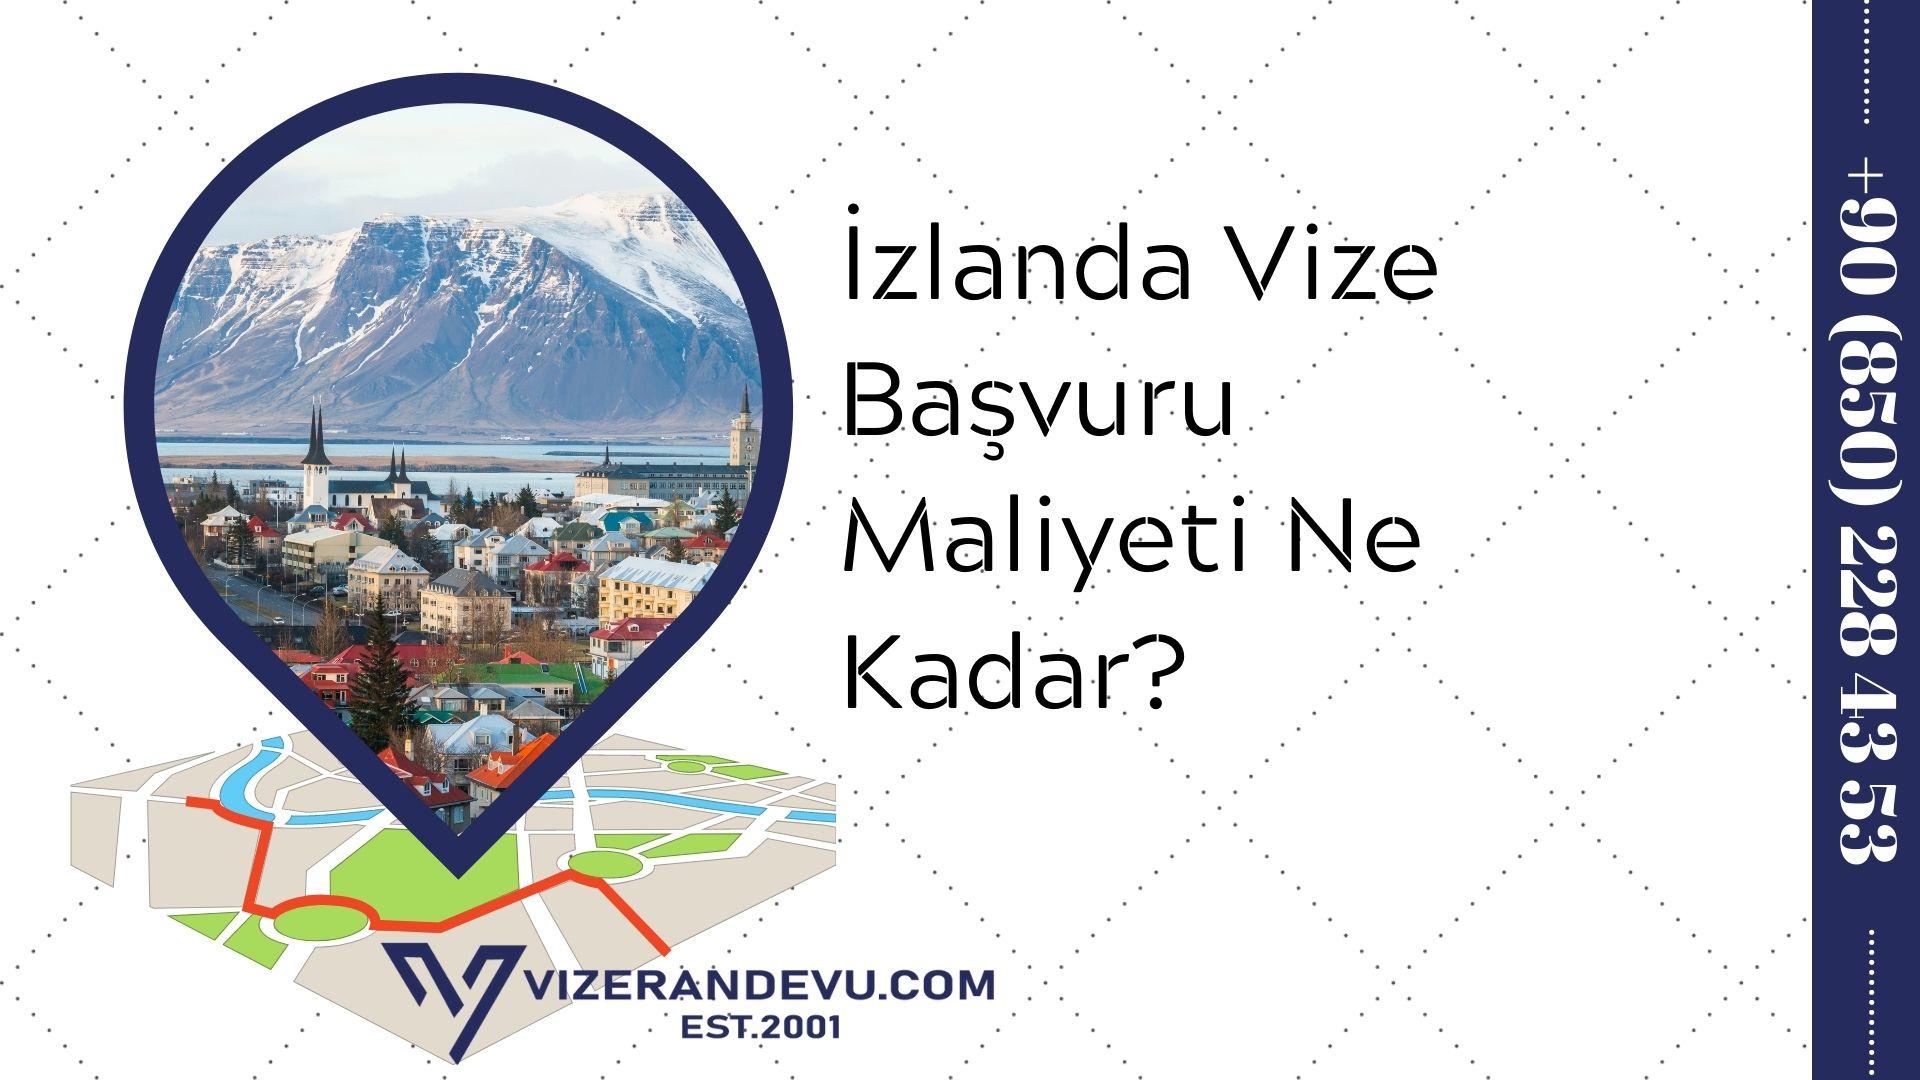 İzlanda Vize Başvuru Maliyeti Ne Kadar?